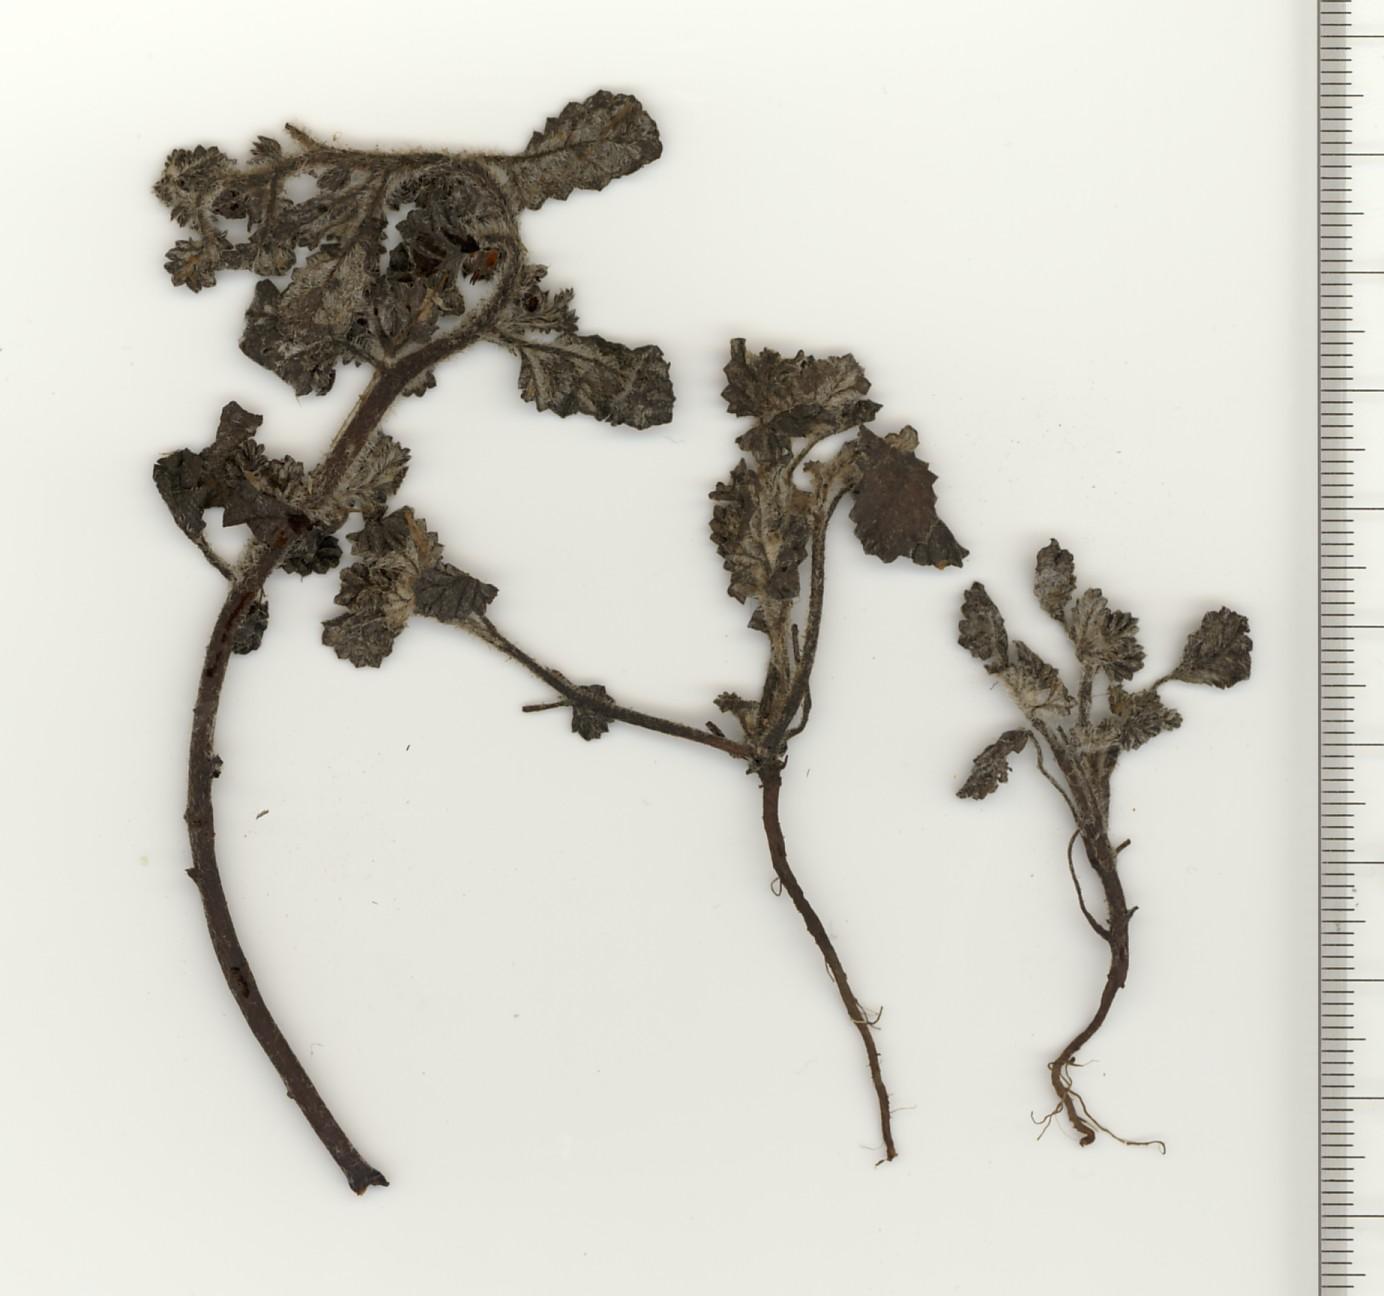 幼植物(乾燥標本)